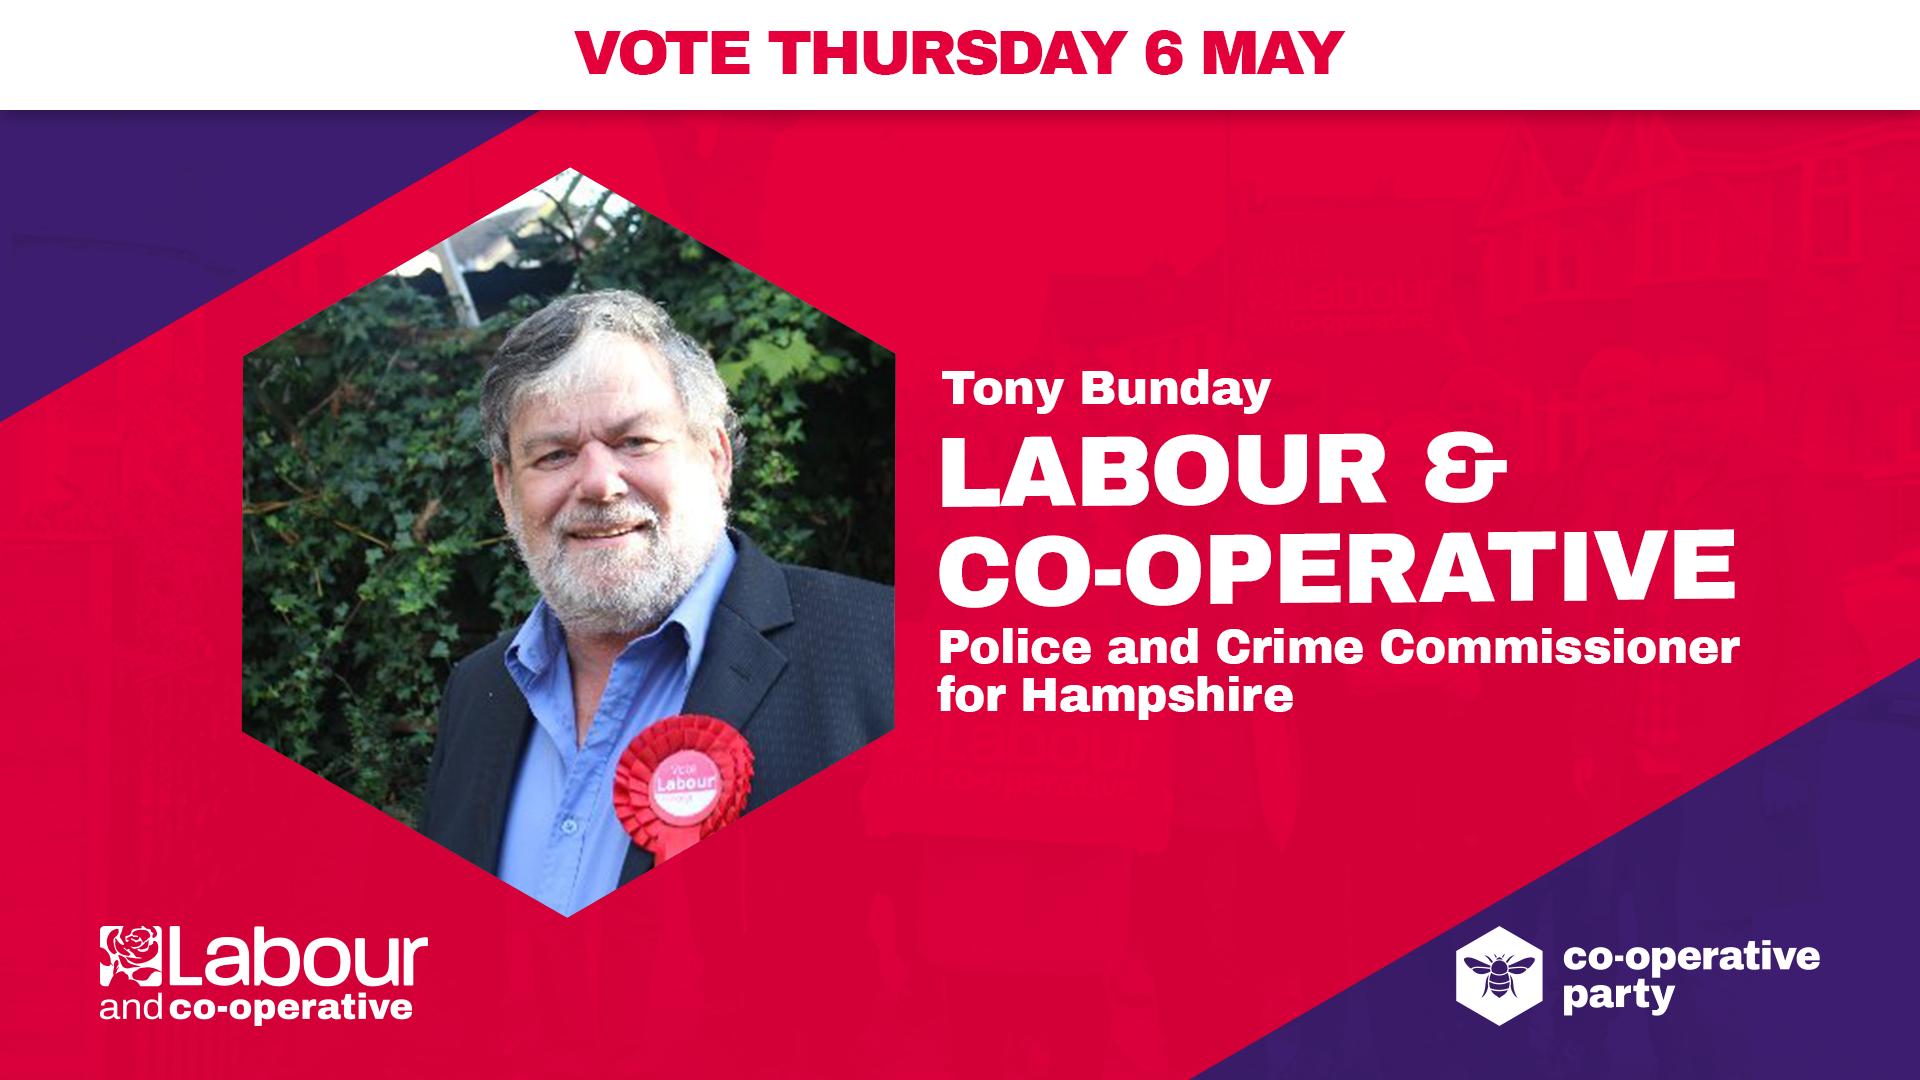 Tony Bunday